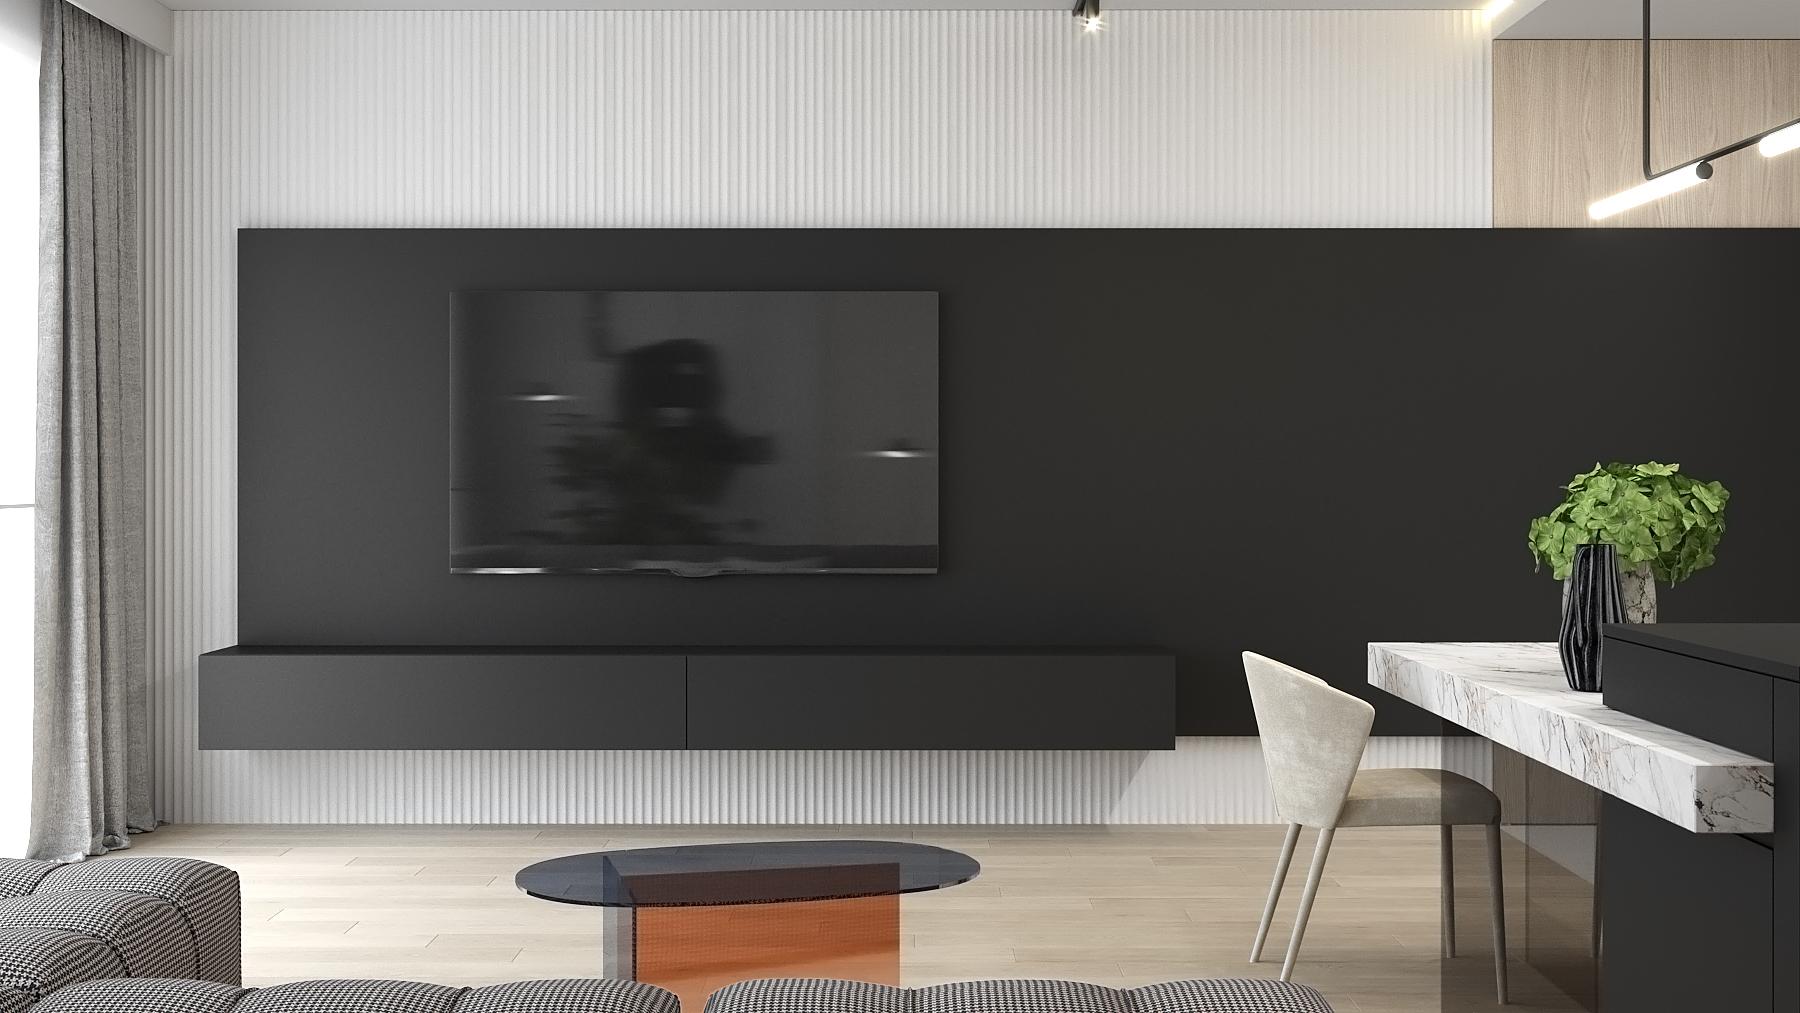 6 aranzacja wnetrz M523 mieszkanie Chorzow salon sciana telewzyjna biale lamele na scienie czarny panel na scianie szklany stolik kawowy